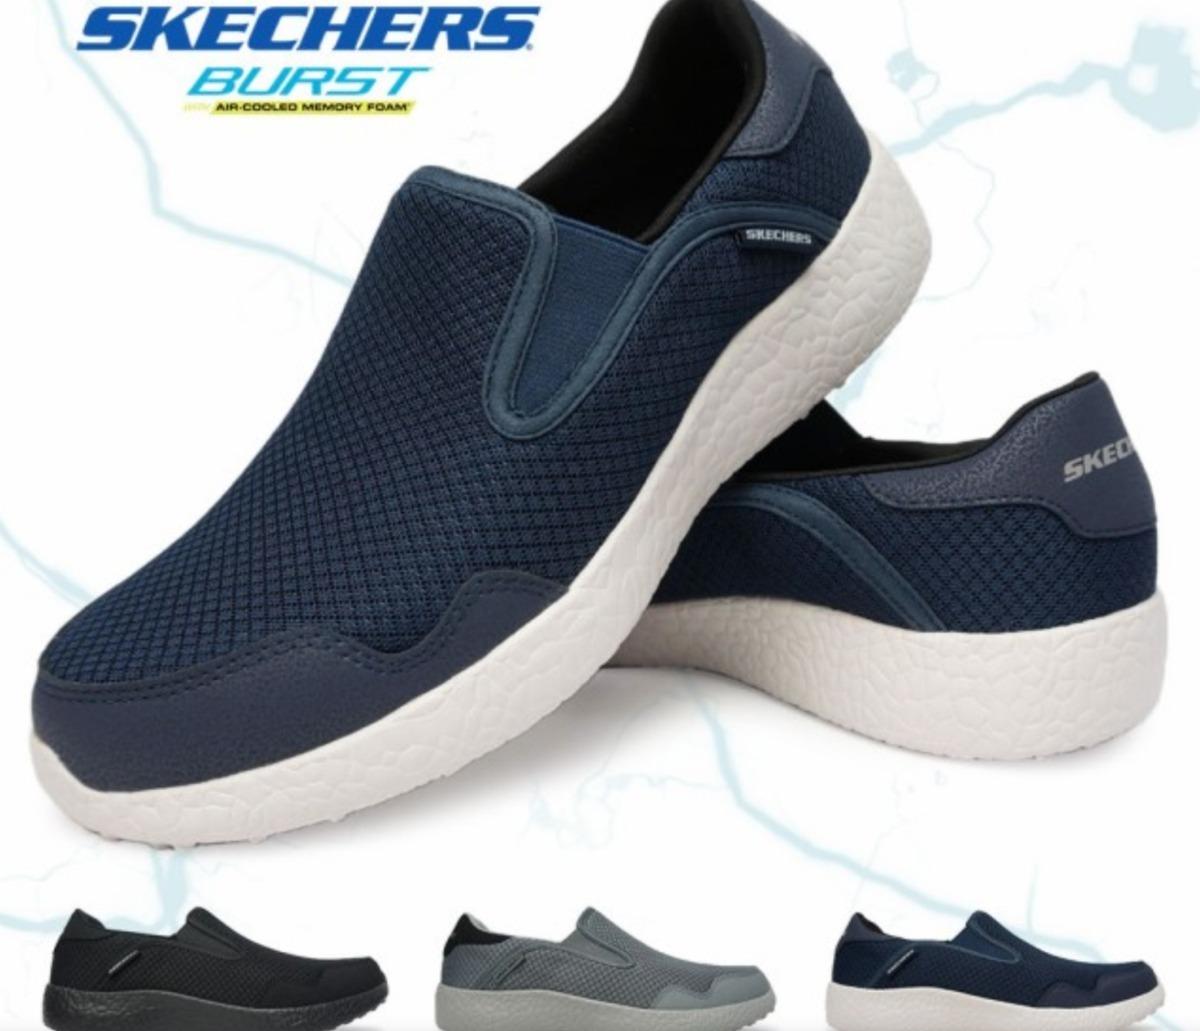 Tenis Skechers Memory Foam Hombre 52112 $ 1,150.00 en